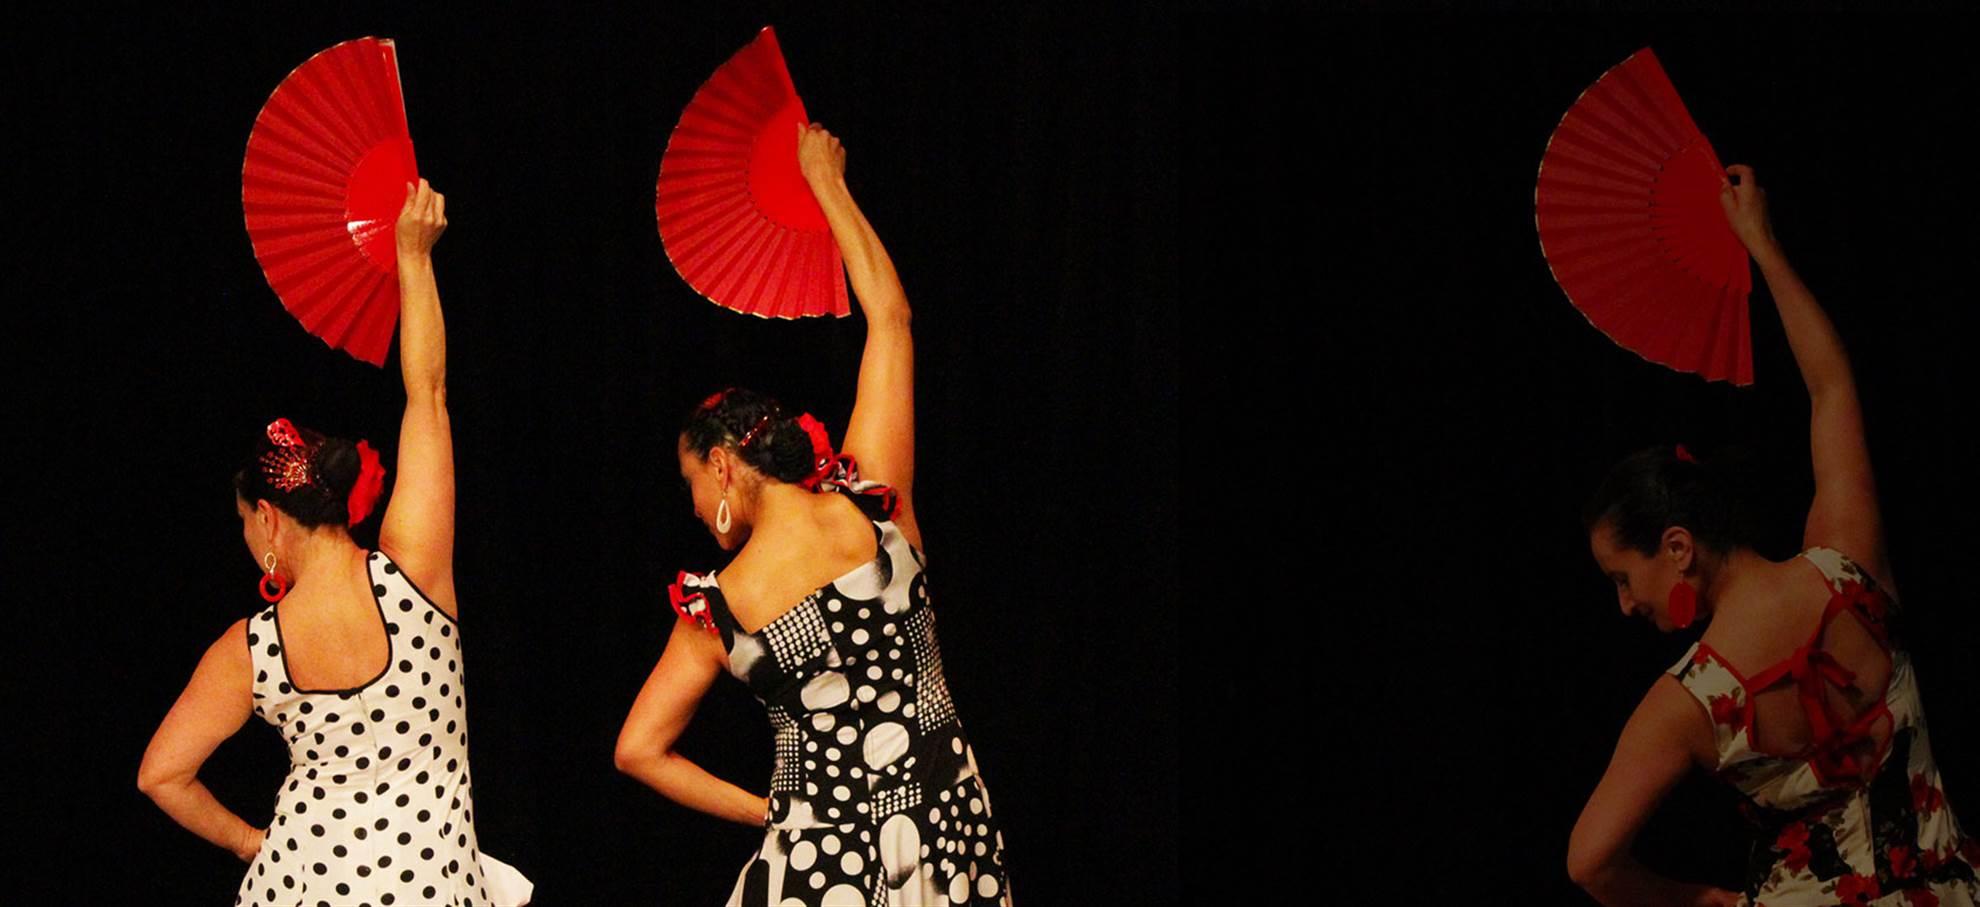 Spettacolo di flamenco e cena - Tablao Cordobes